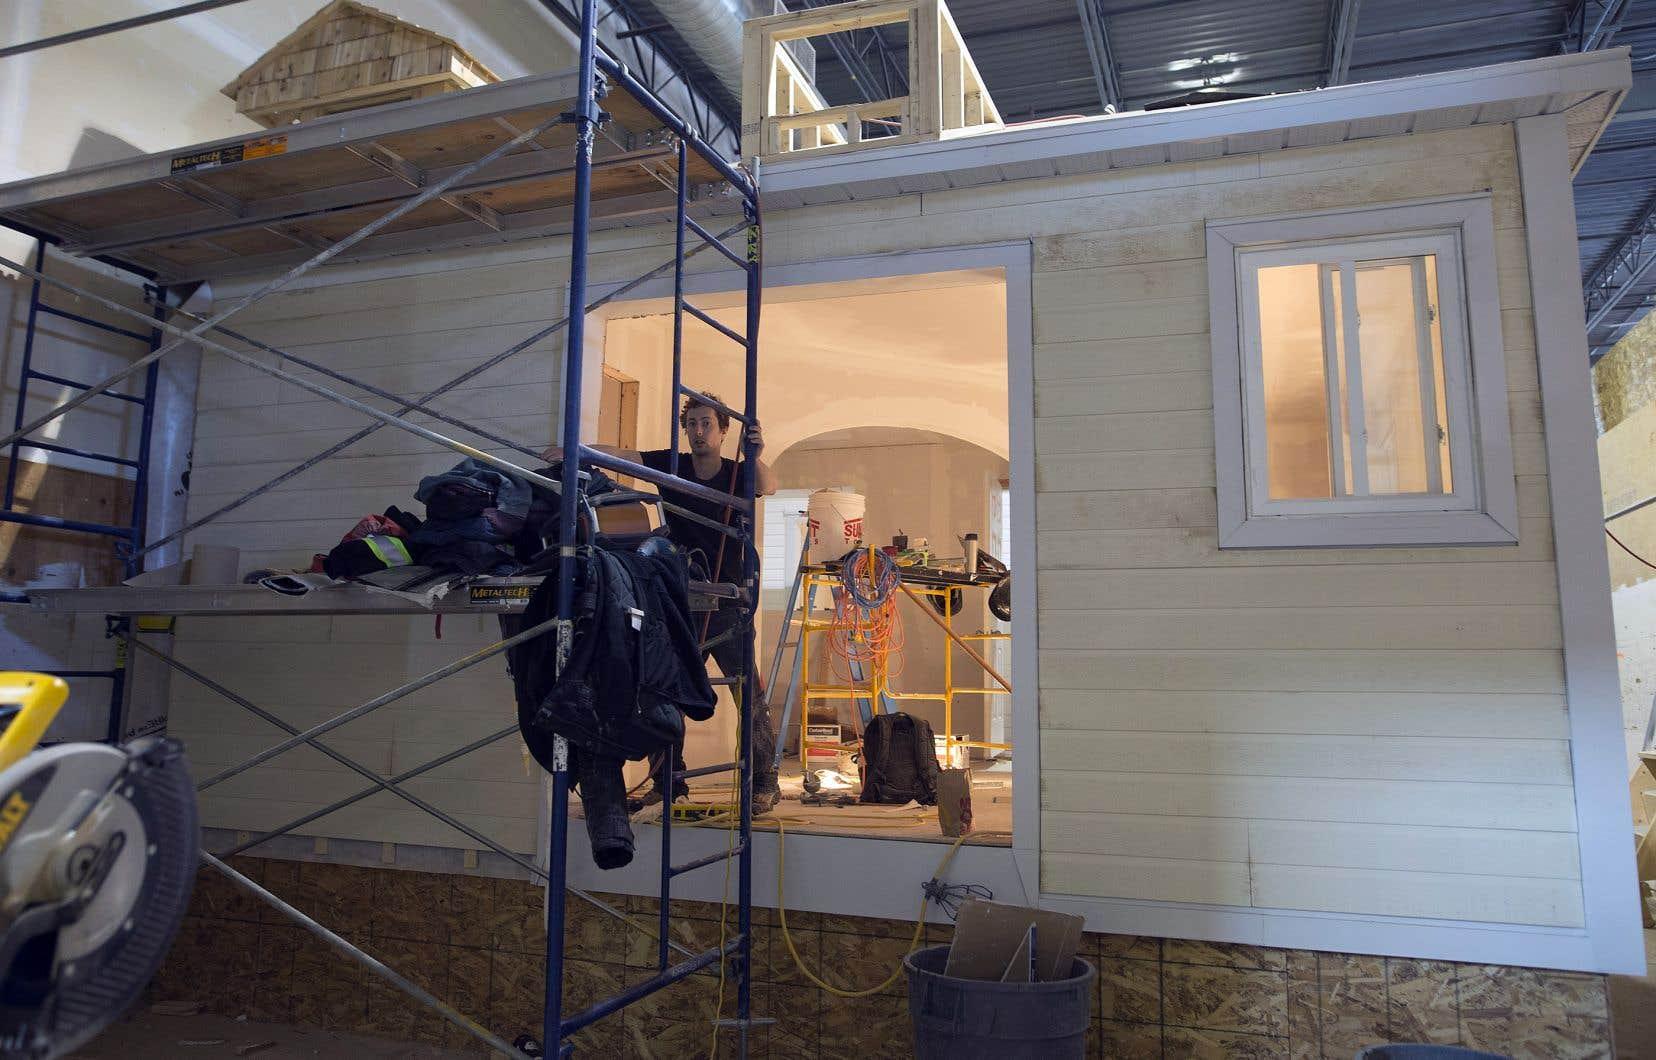 C'est une maison similaire à celle-ci qui sera transportée à Lac-Simon, où la communauté l'installera sur des fondations et ajoutera des éléments de finition intérieure.